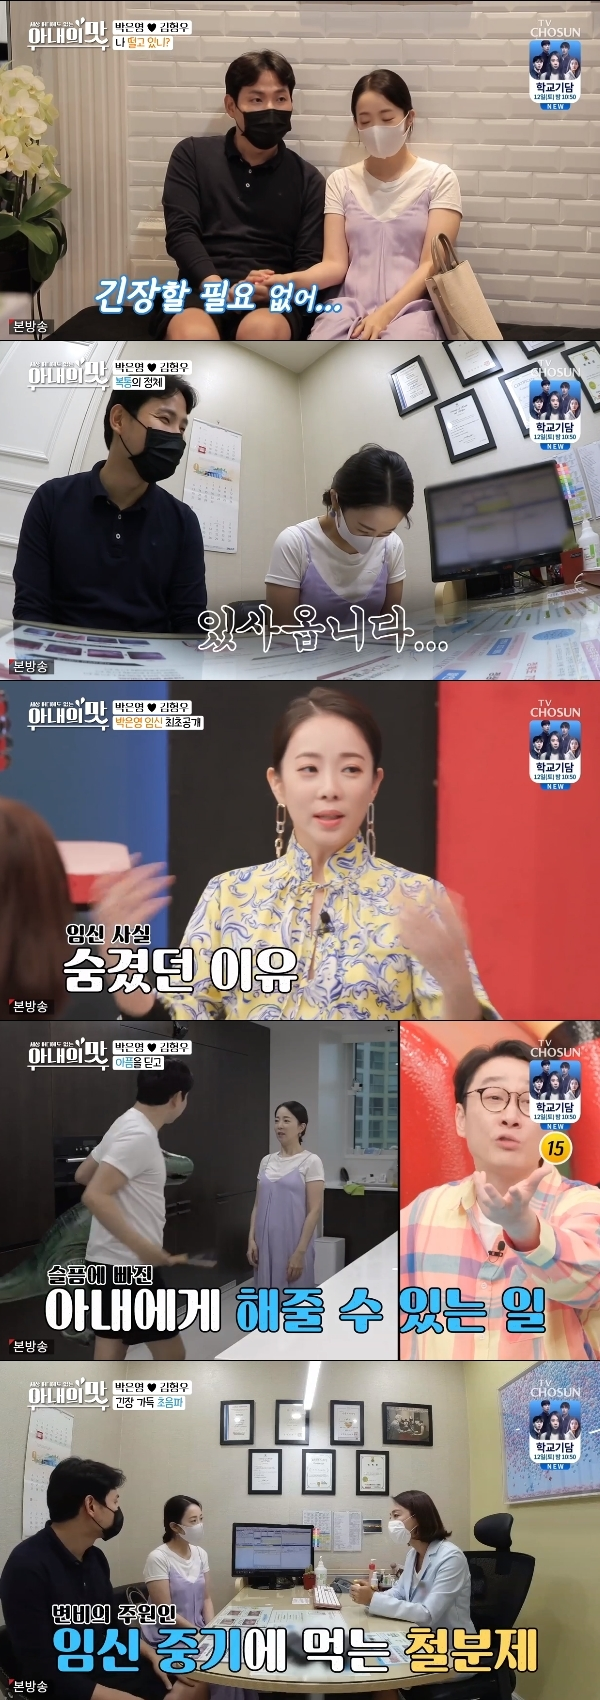 아내의 맛 박명수 이휘재 박은영 / 사진=TV조선 아내의 맛